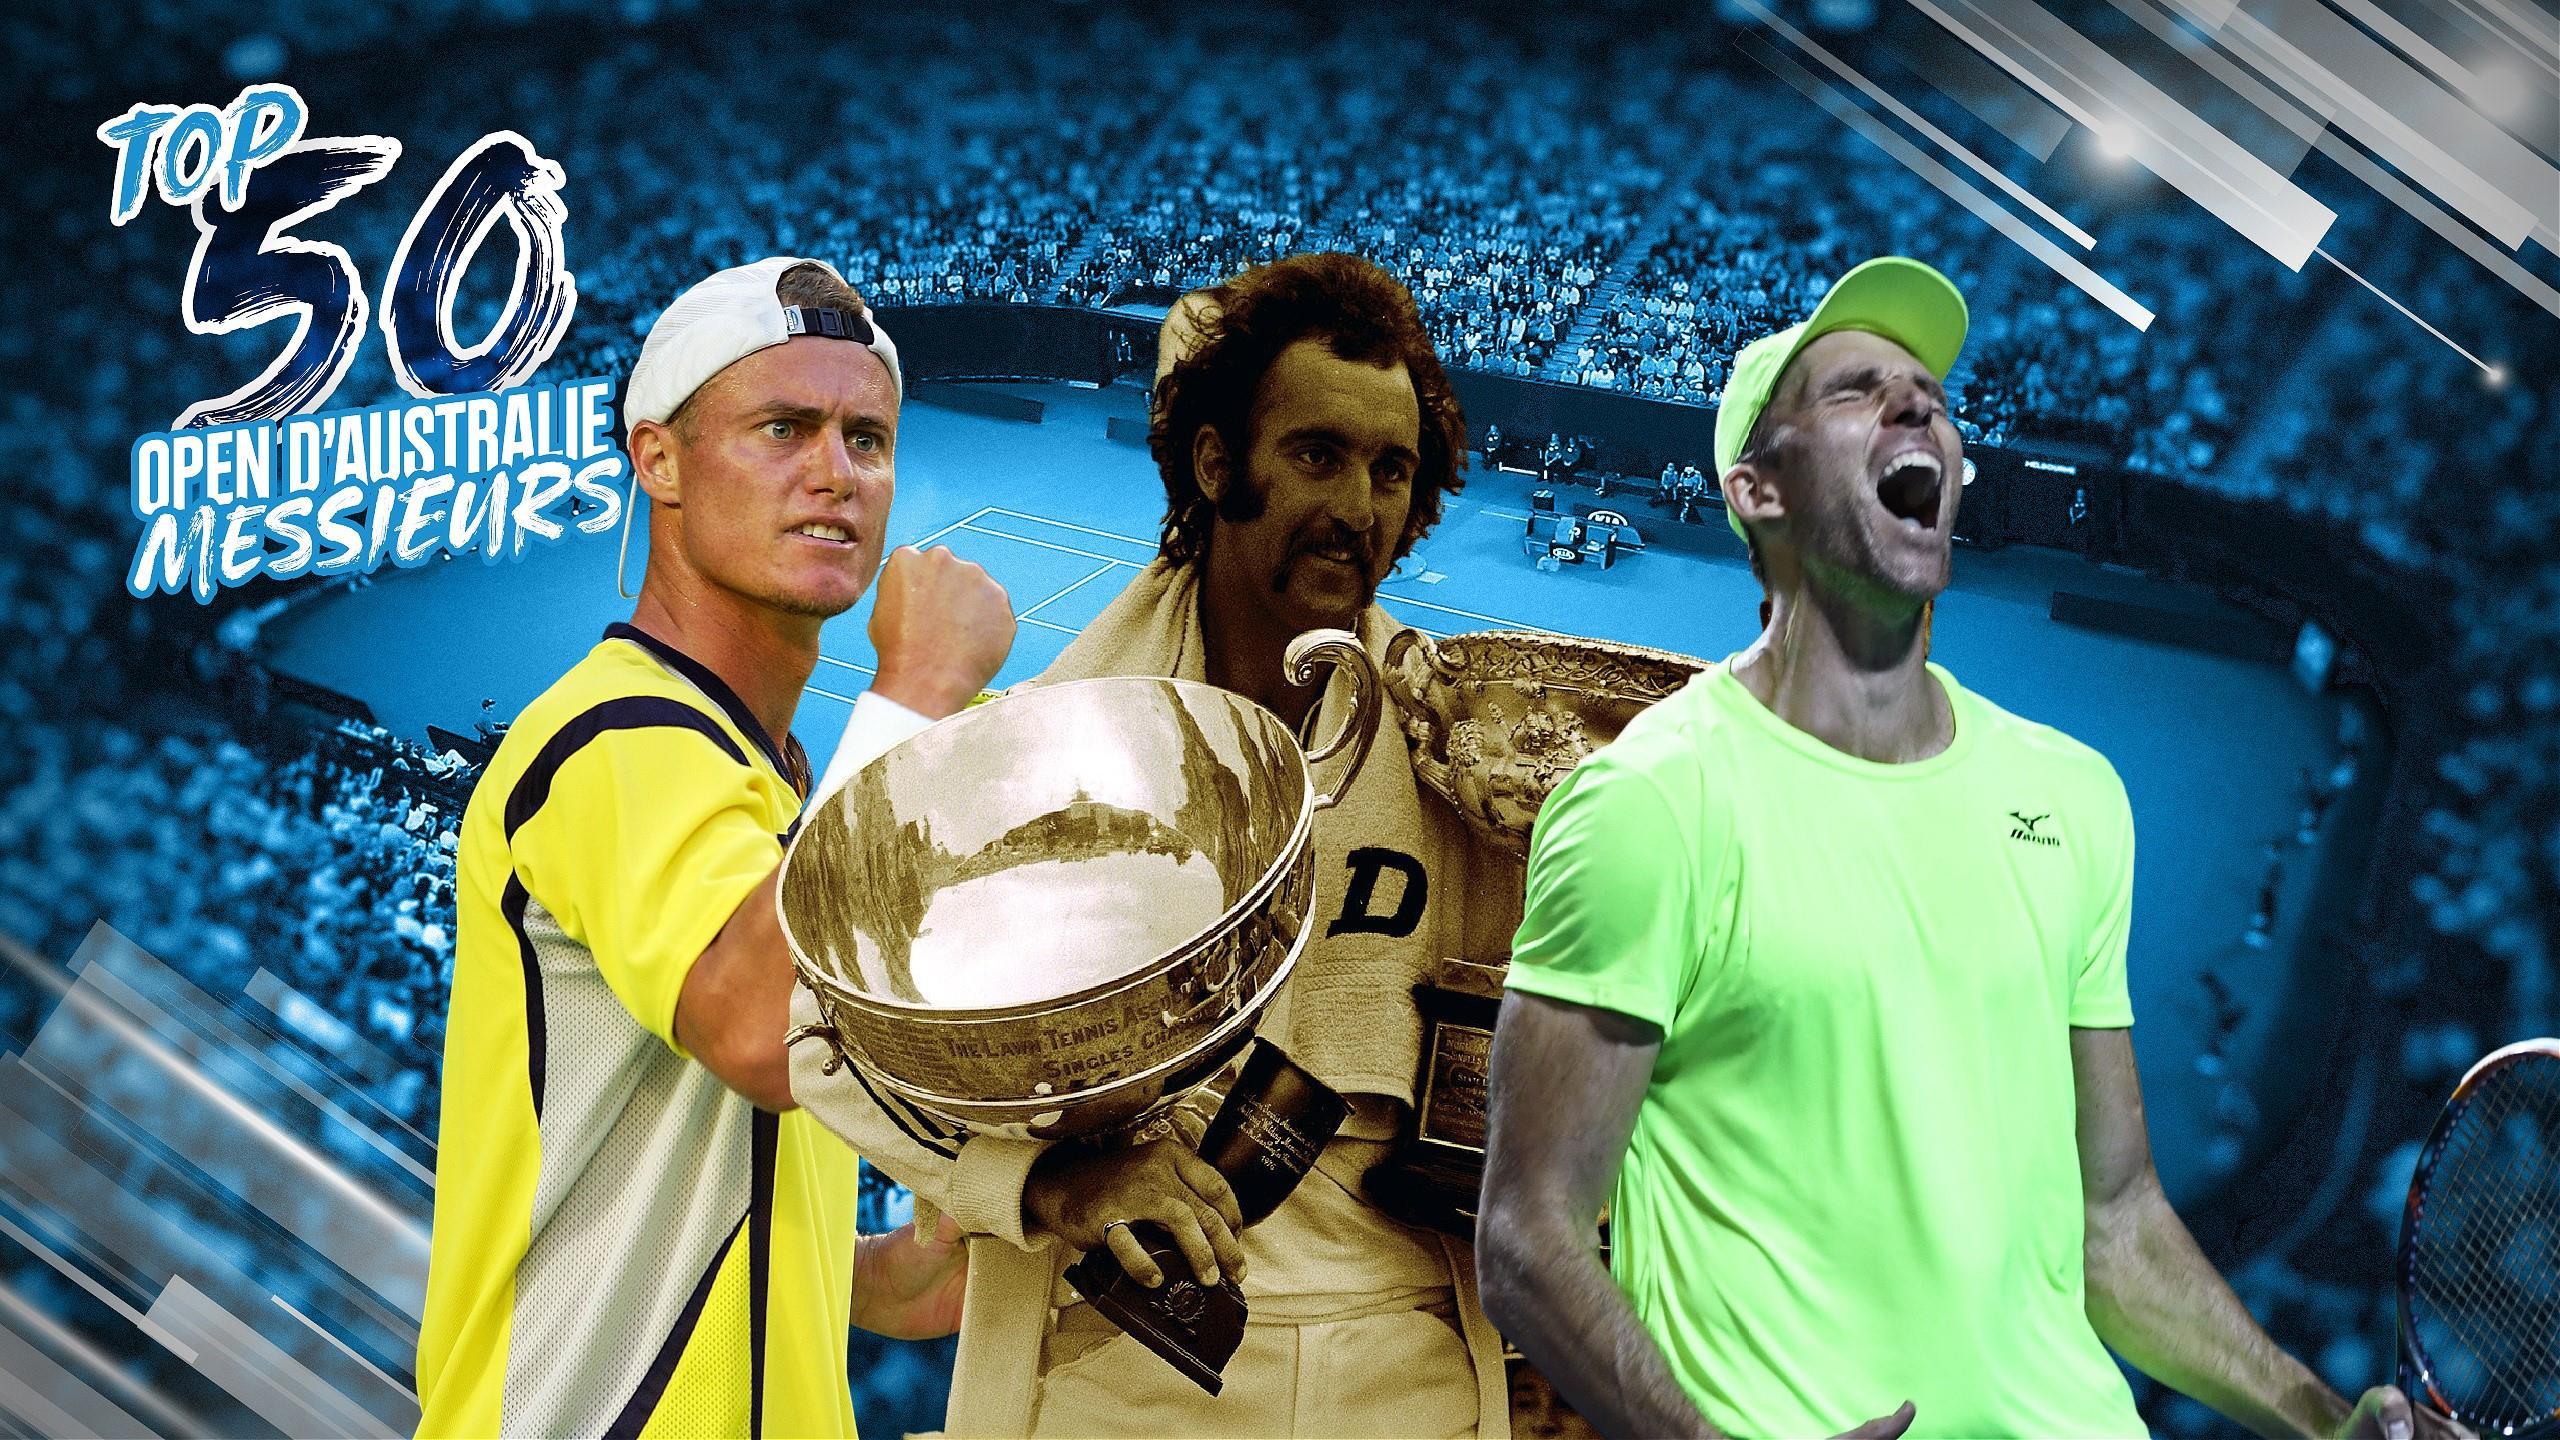 Crachat, guerre des moustaches, 84 jeux : Le Top 50 des matches de l&#39;Open d&#39;<b>Australie</b> (40-31)